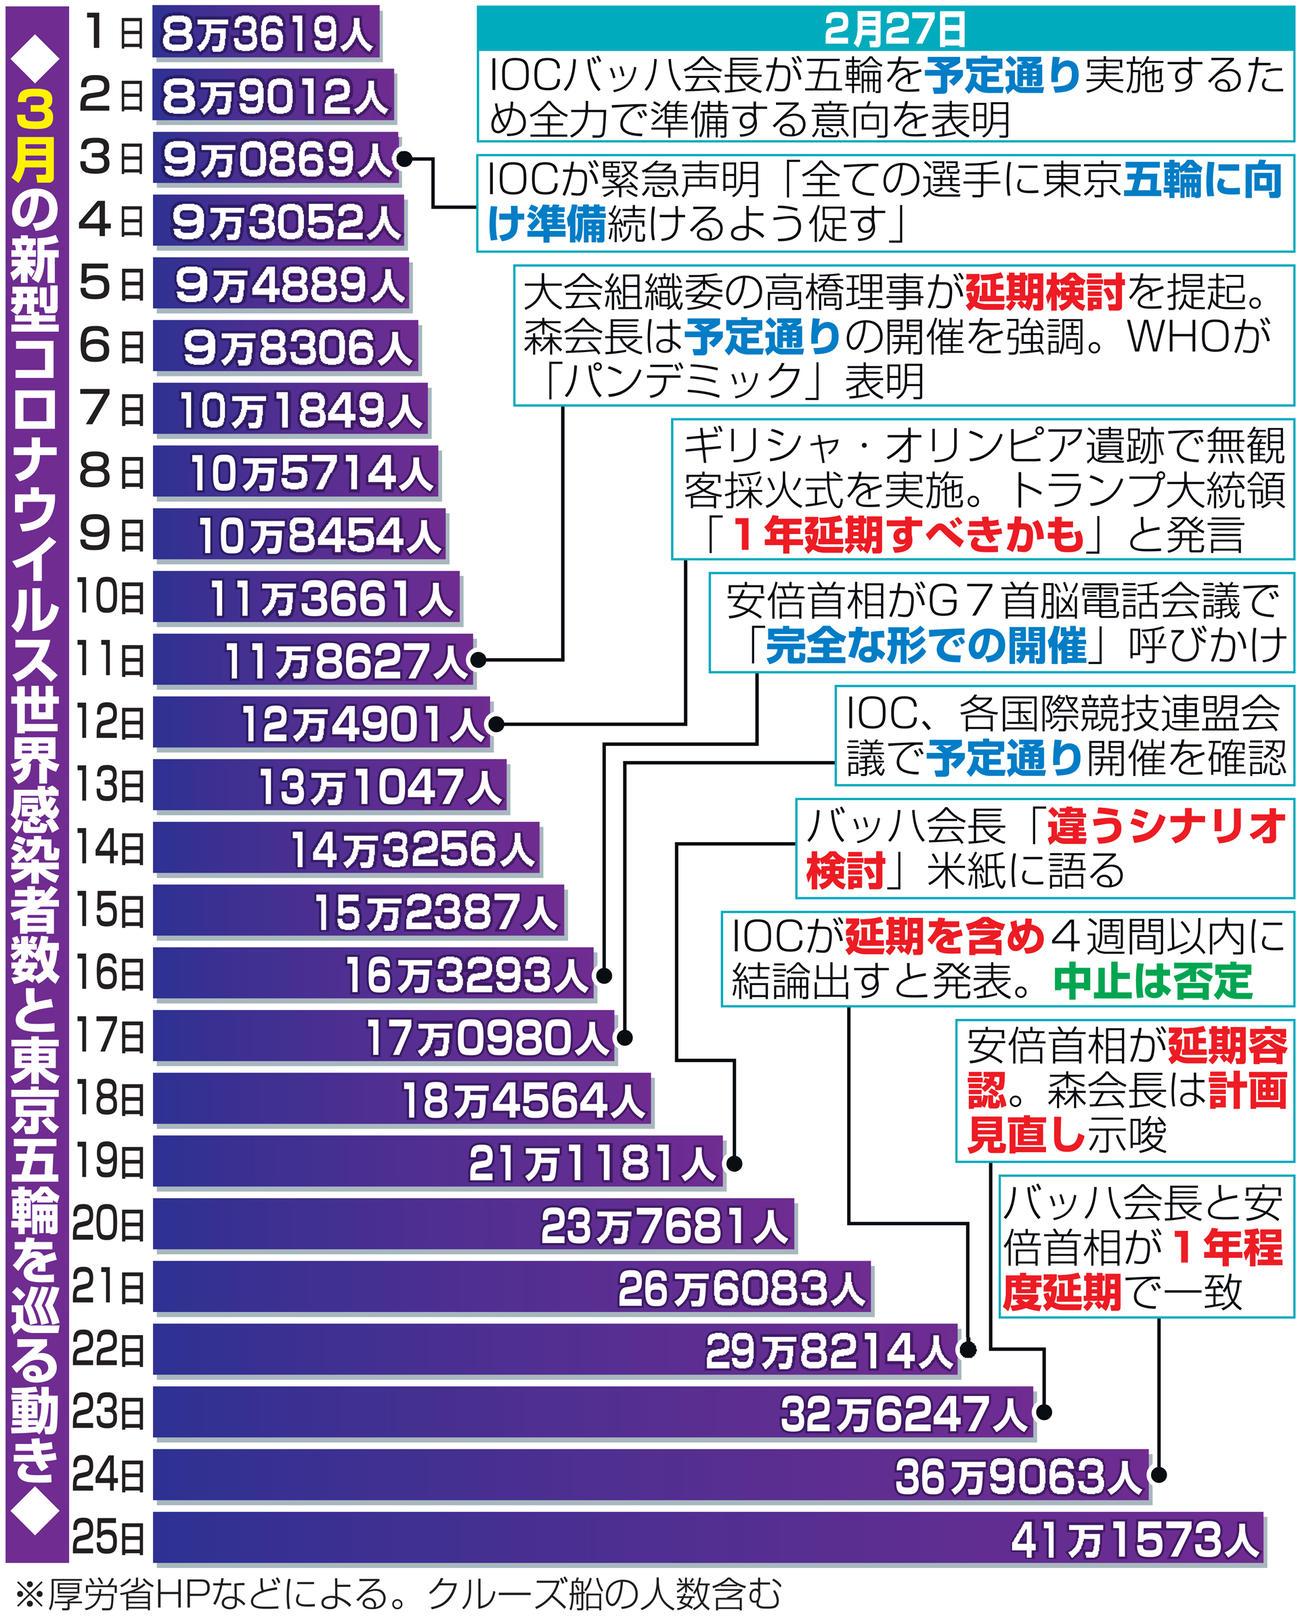 3月の新型コロナウイルス世界感染者数と東京五輪を巡る動き